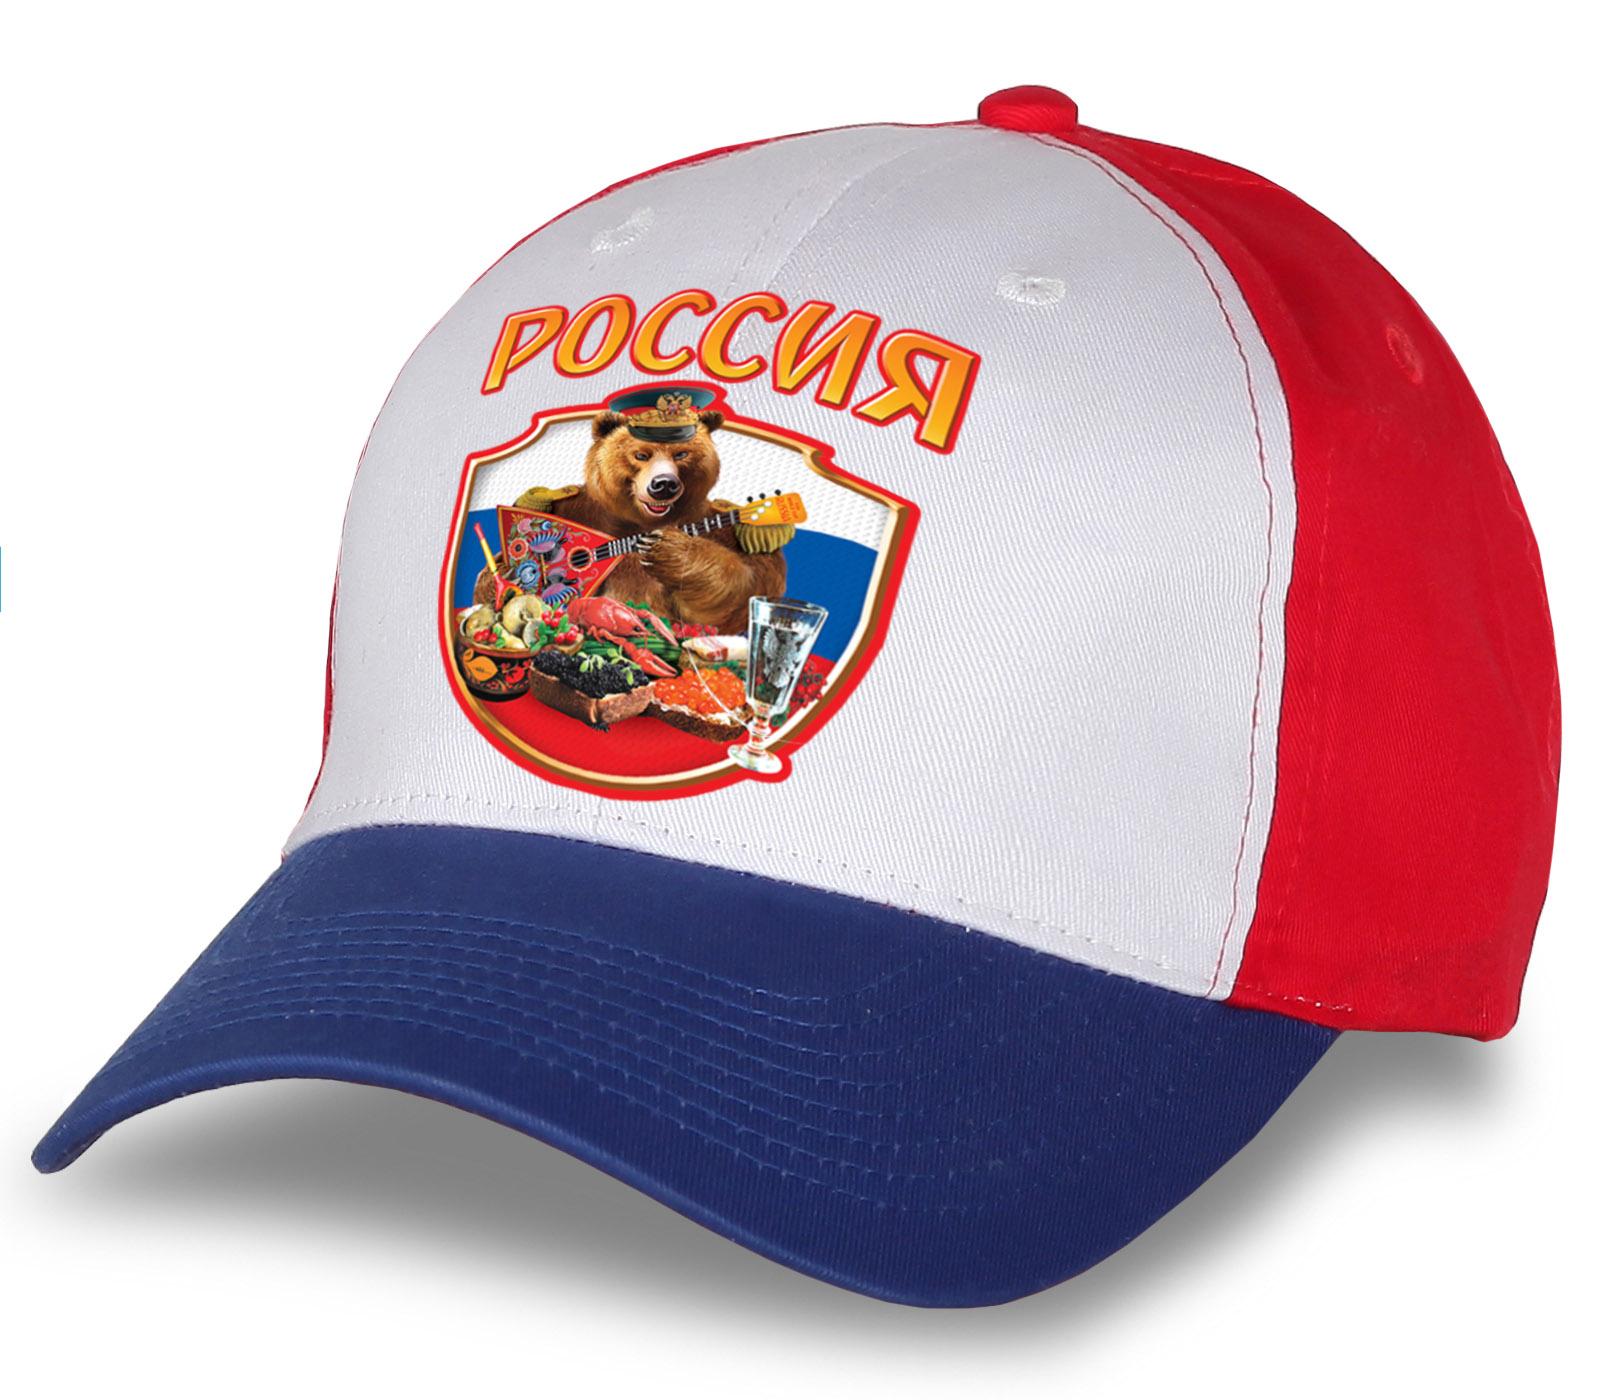 """Эксклюзив для патриотов и болельщиков! Креативная бейсболка-триколор """"Россия"""" с медведем. Дизайнерская модель по доступной цене. Бери, пока не расхватали!"""